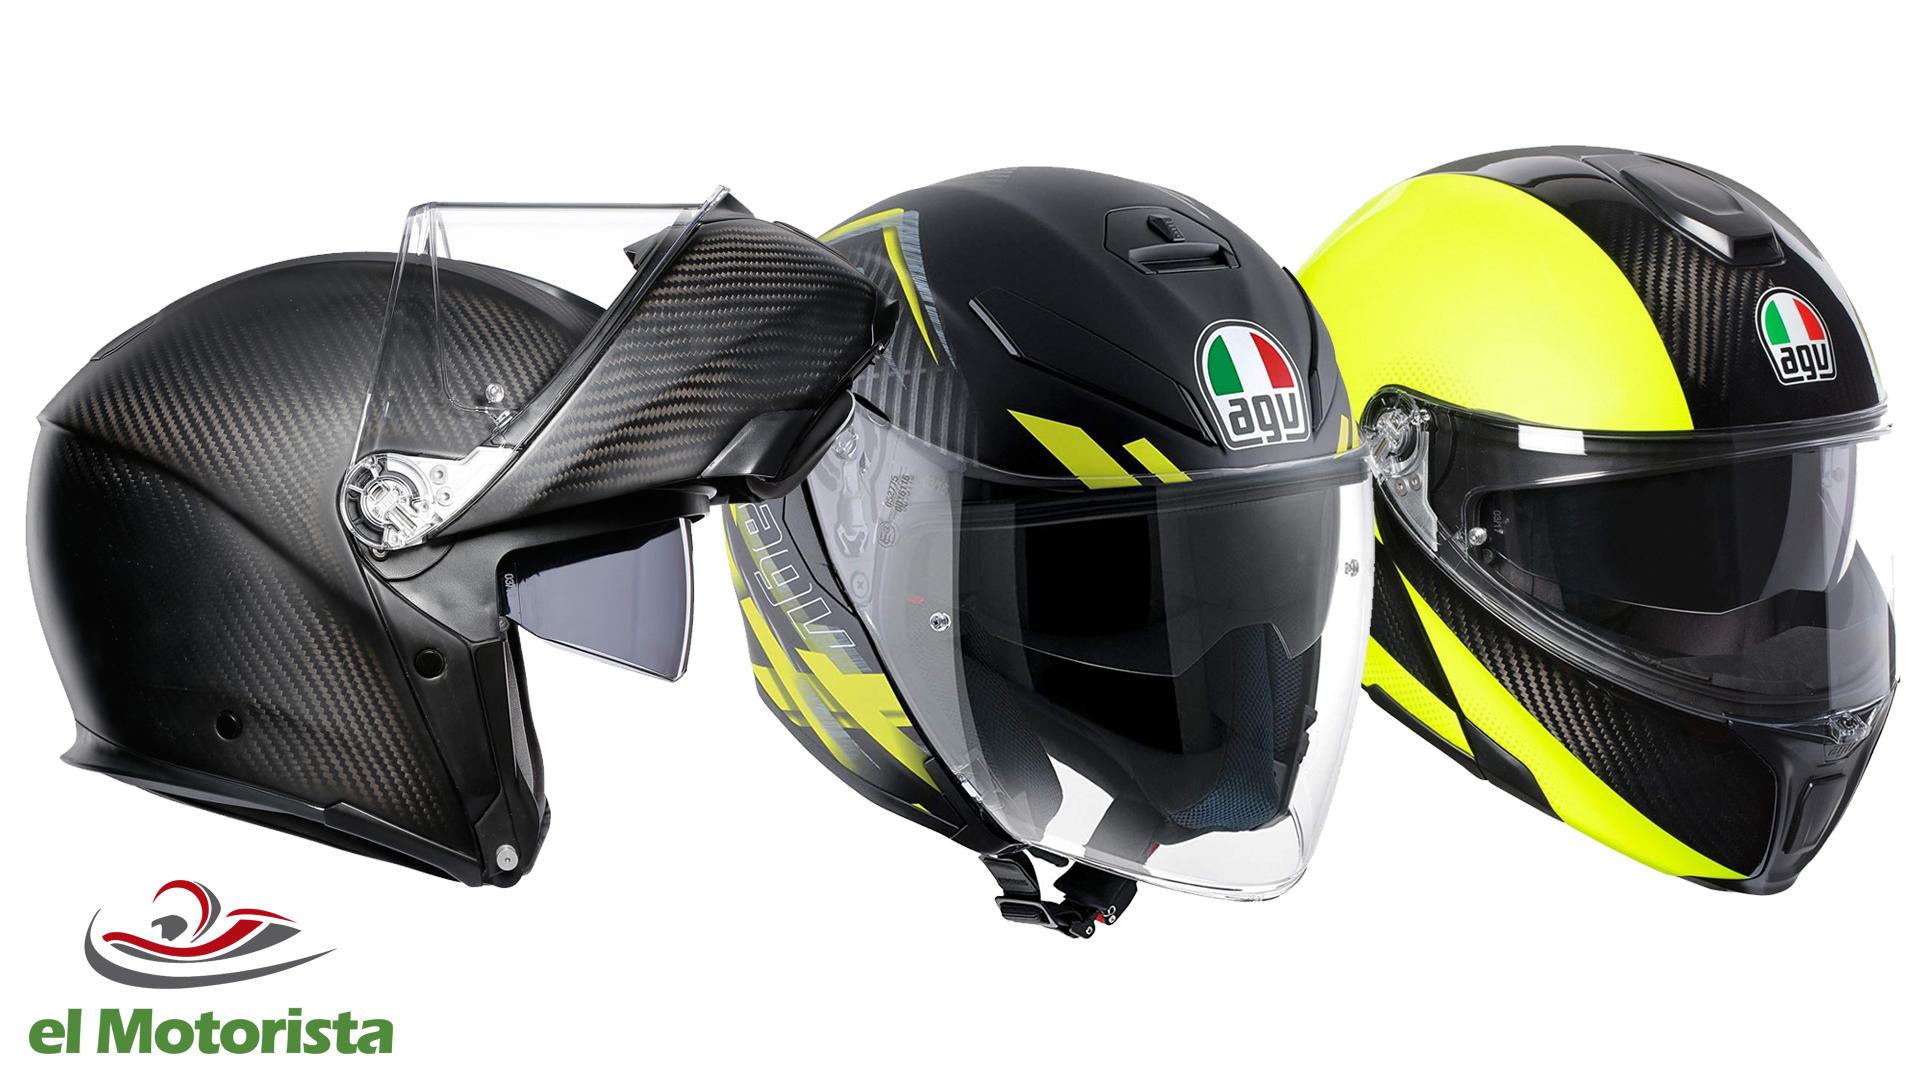 ¡Gana un casco AGV participando en el concurso de El Motorista!